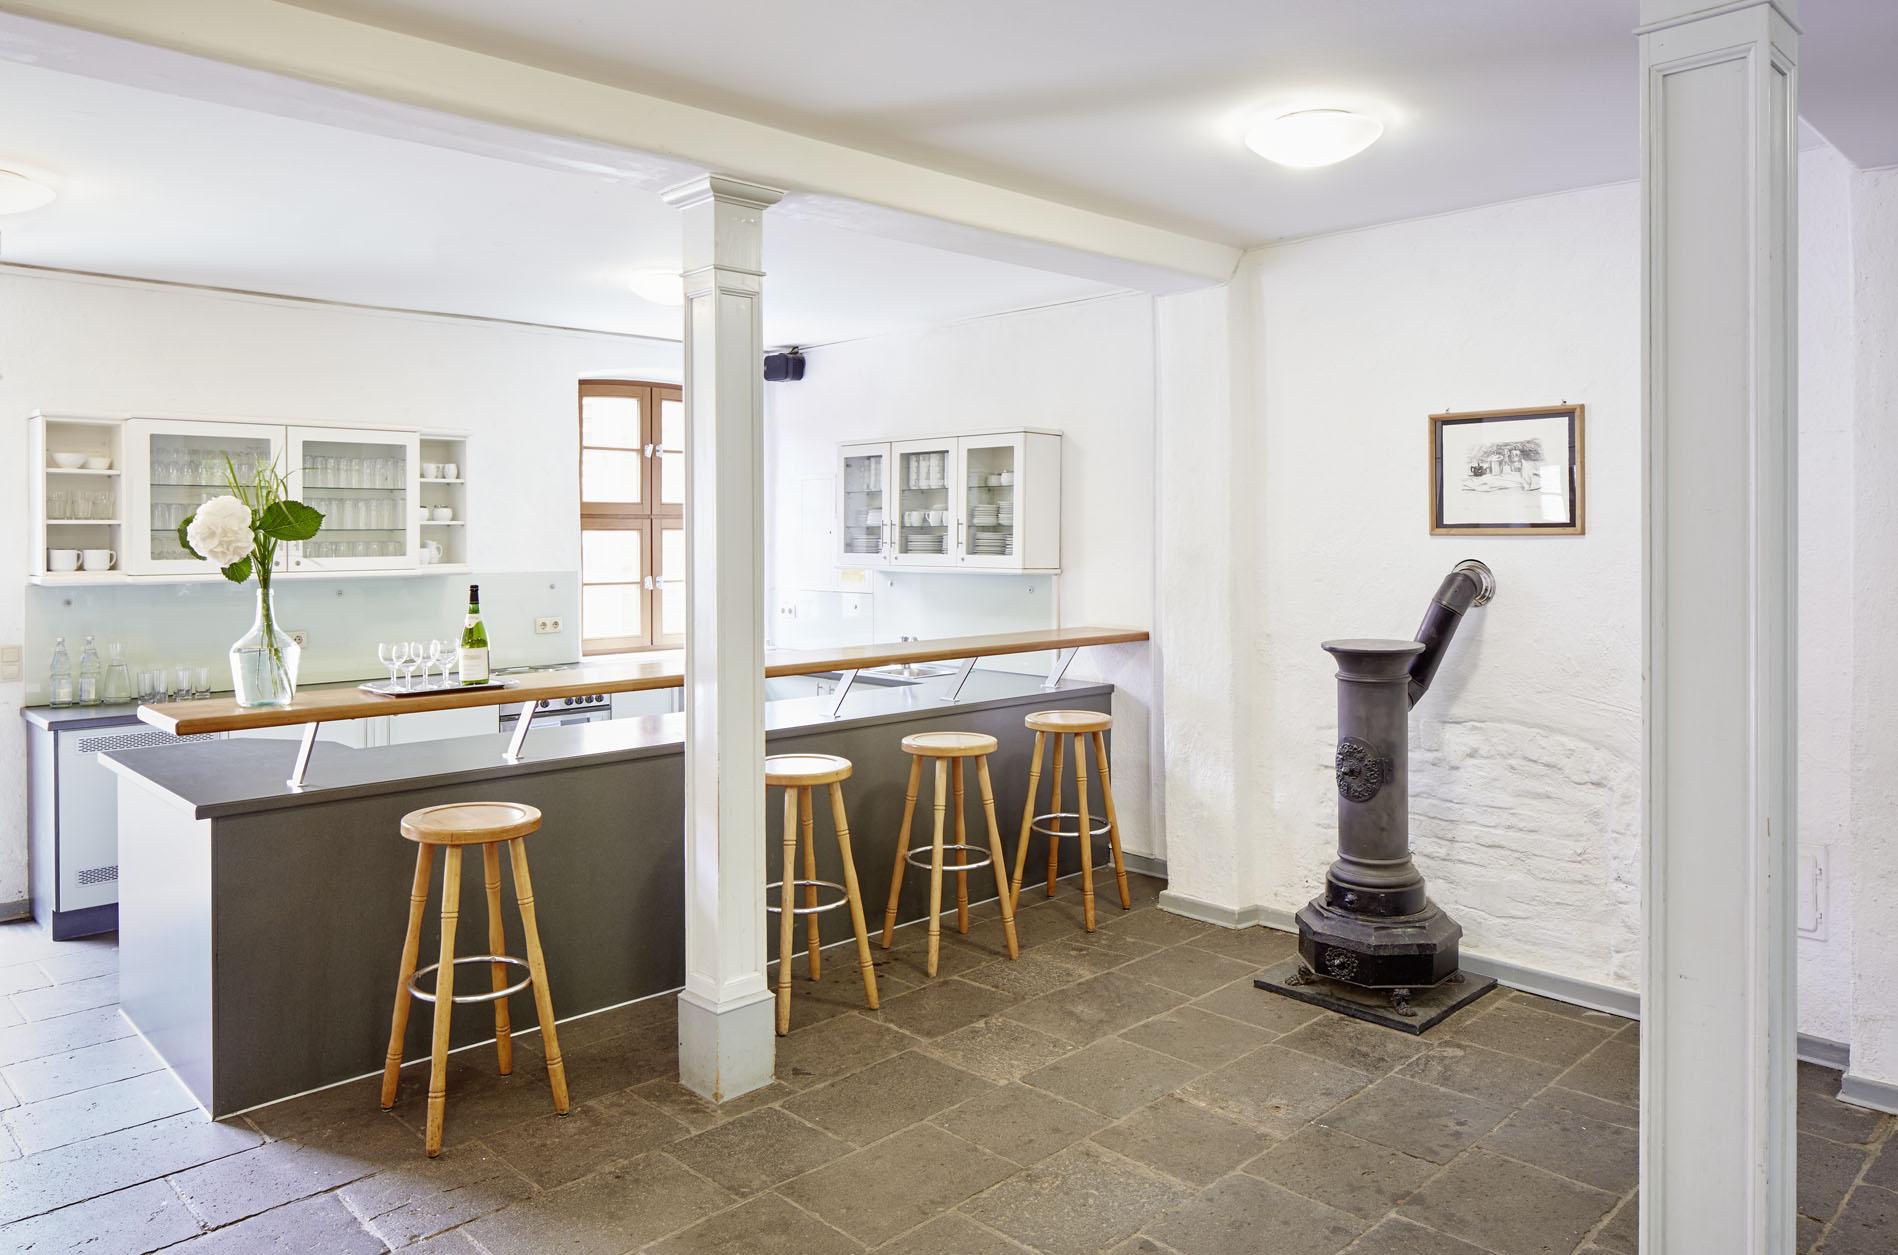 Herrenhaus- Foyer mit Theke